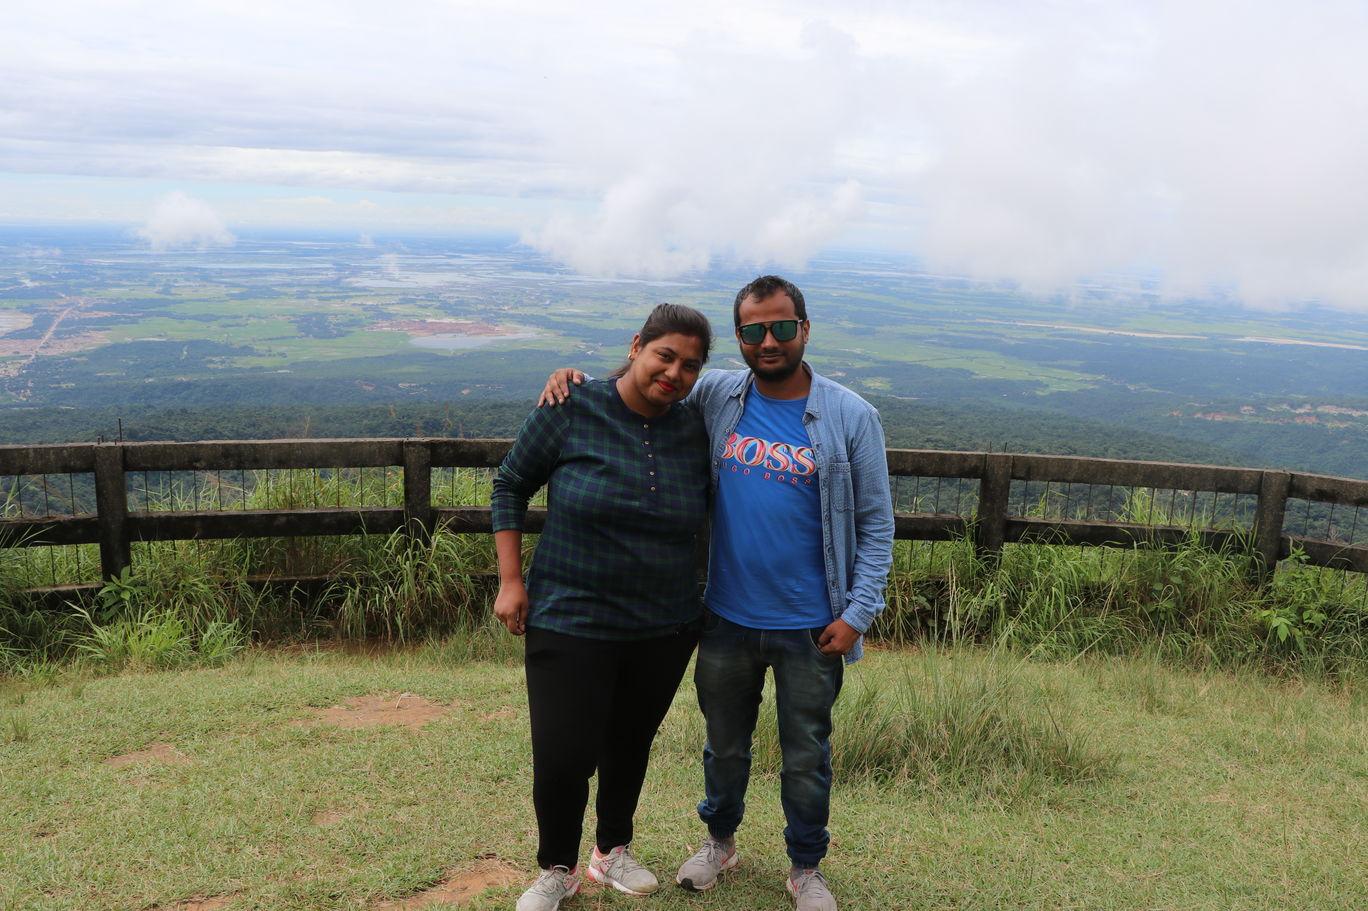 Ka Koh Ramaha, Near Bangladesh view Point - Cherapunjee, Meghalaya - TravelPlacesIndia.in